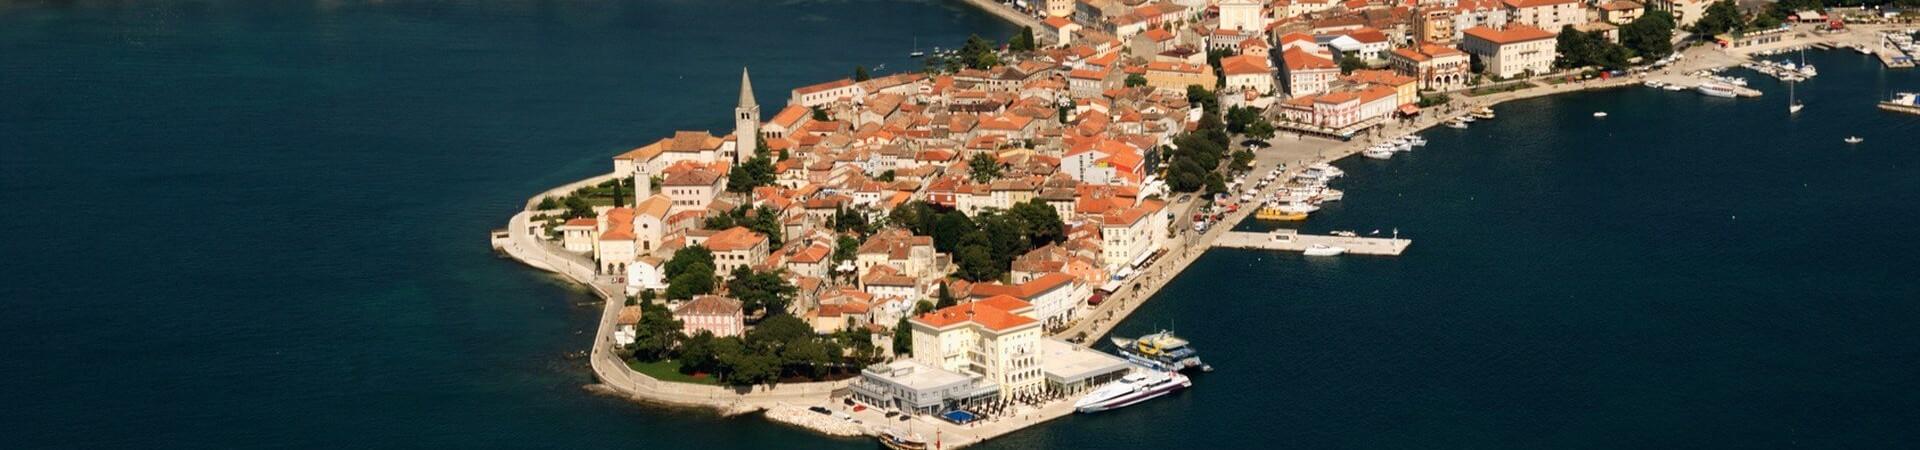 Chorwacja Porec